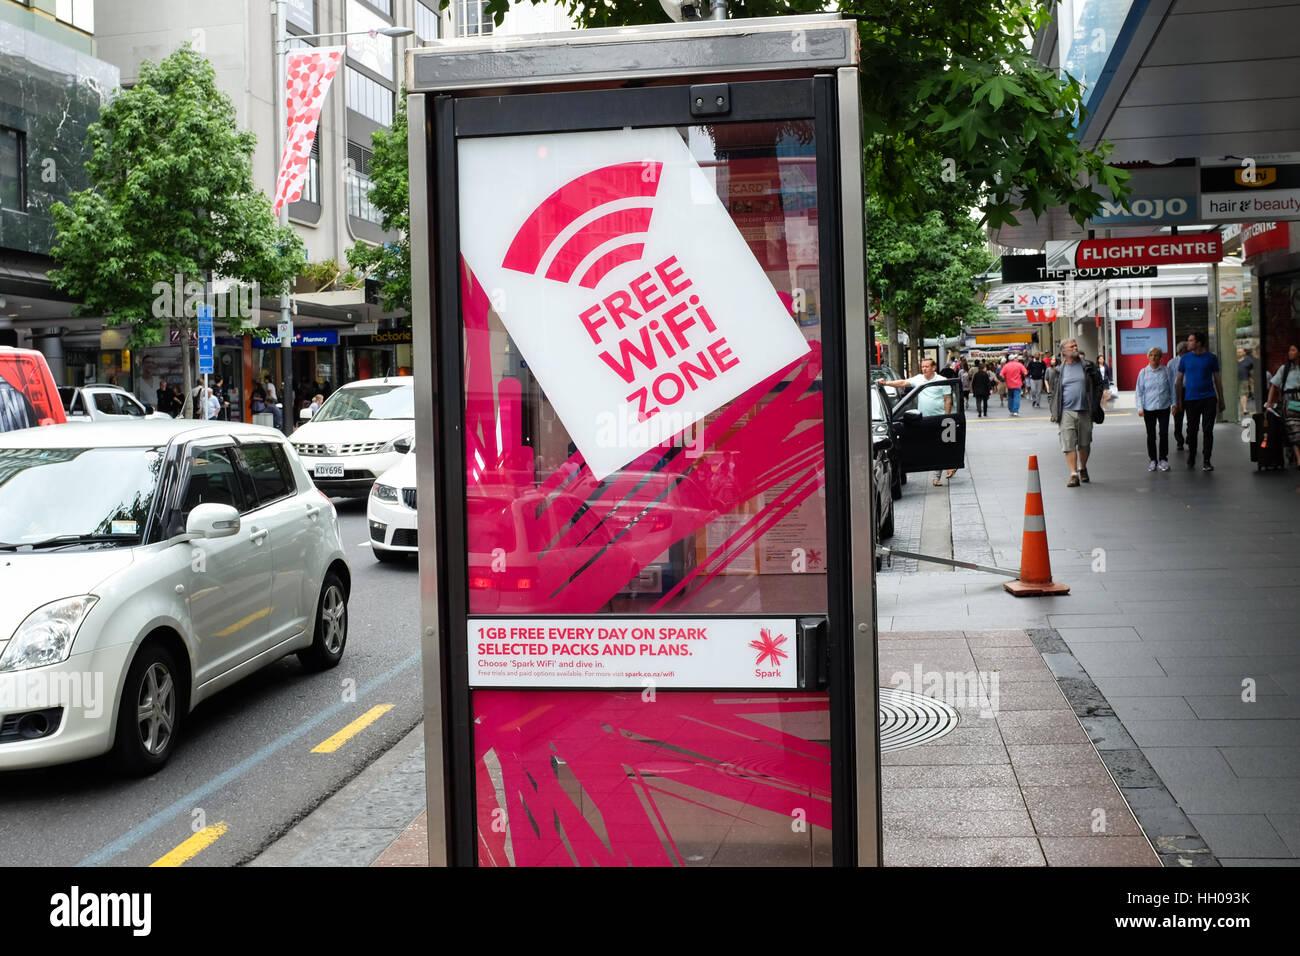 Una cabina telefónica en Auckland, Nueva Zelanda, con una zona de conexión wi-fi gratuita. Imagen De Stock